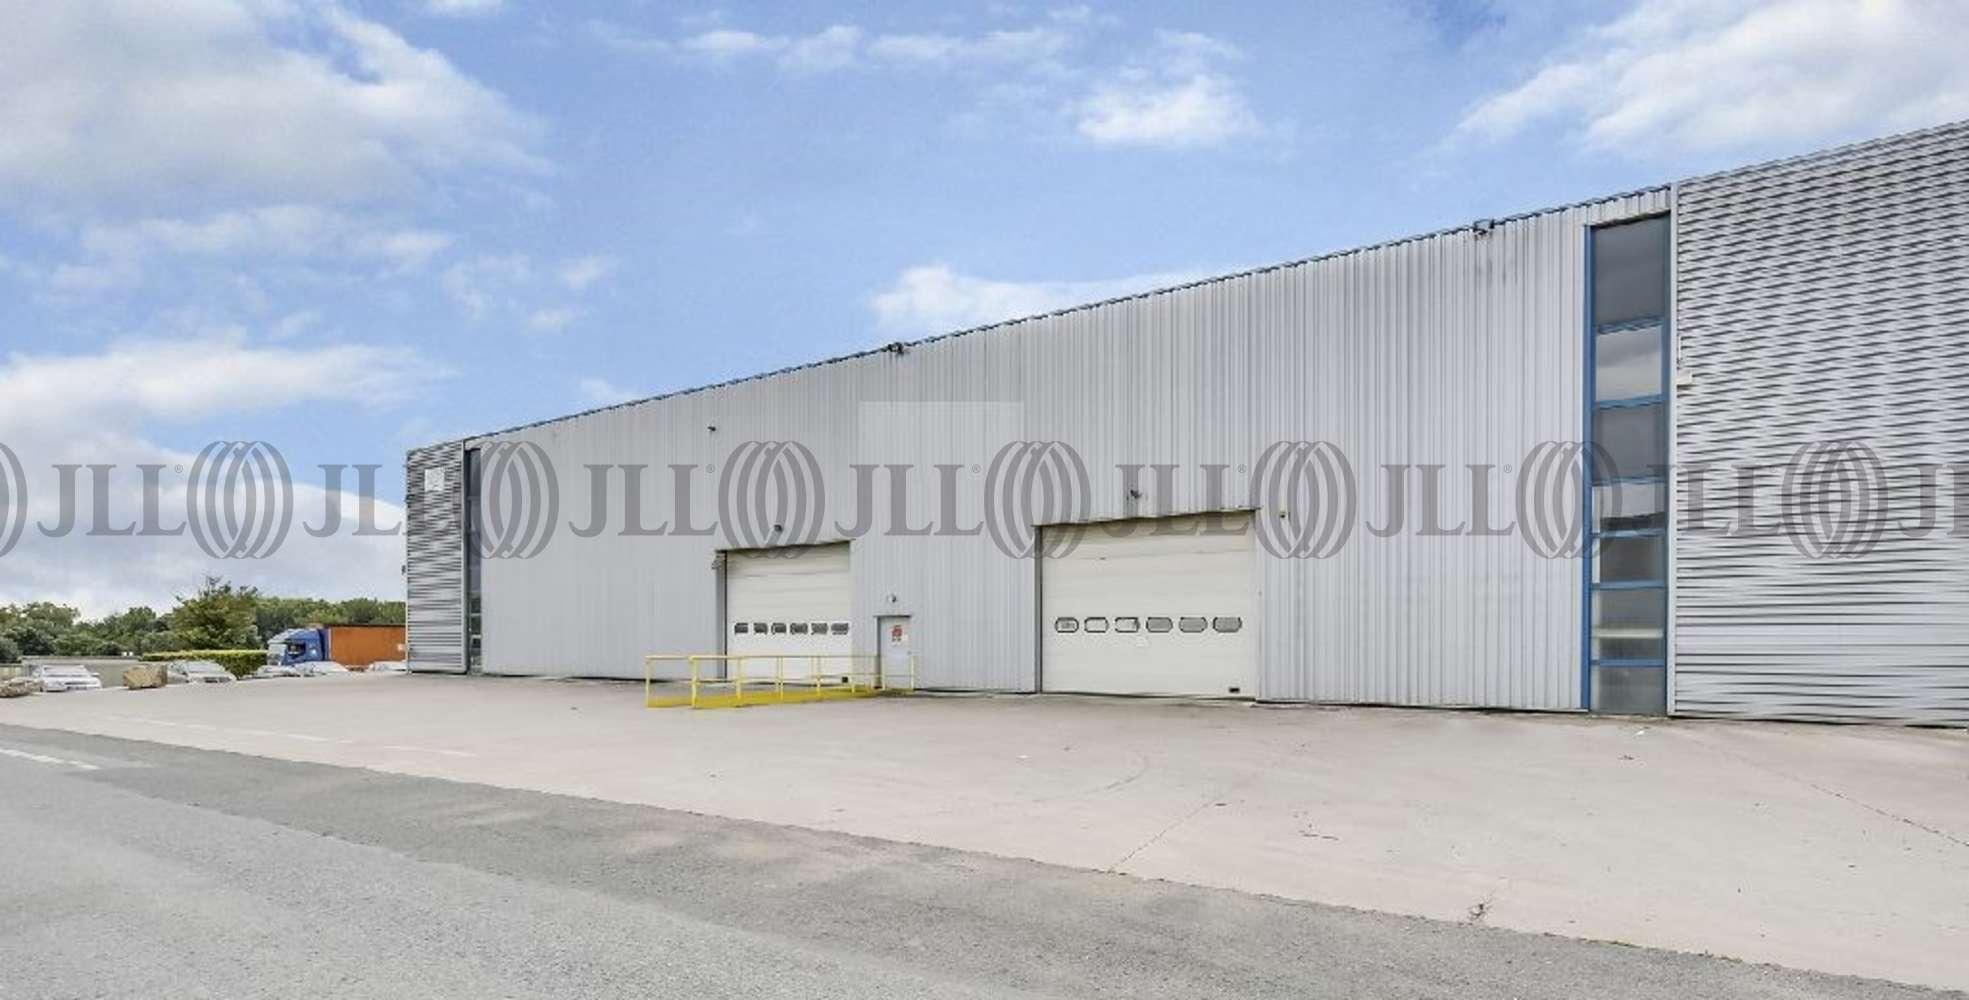 Activités/entrepôt Villeneuve sous dammartin, 77230 - 8 RUE DES ACACIAS - 9465539